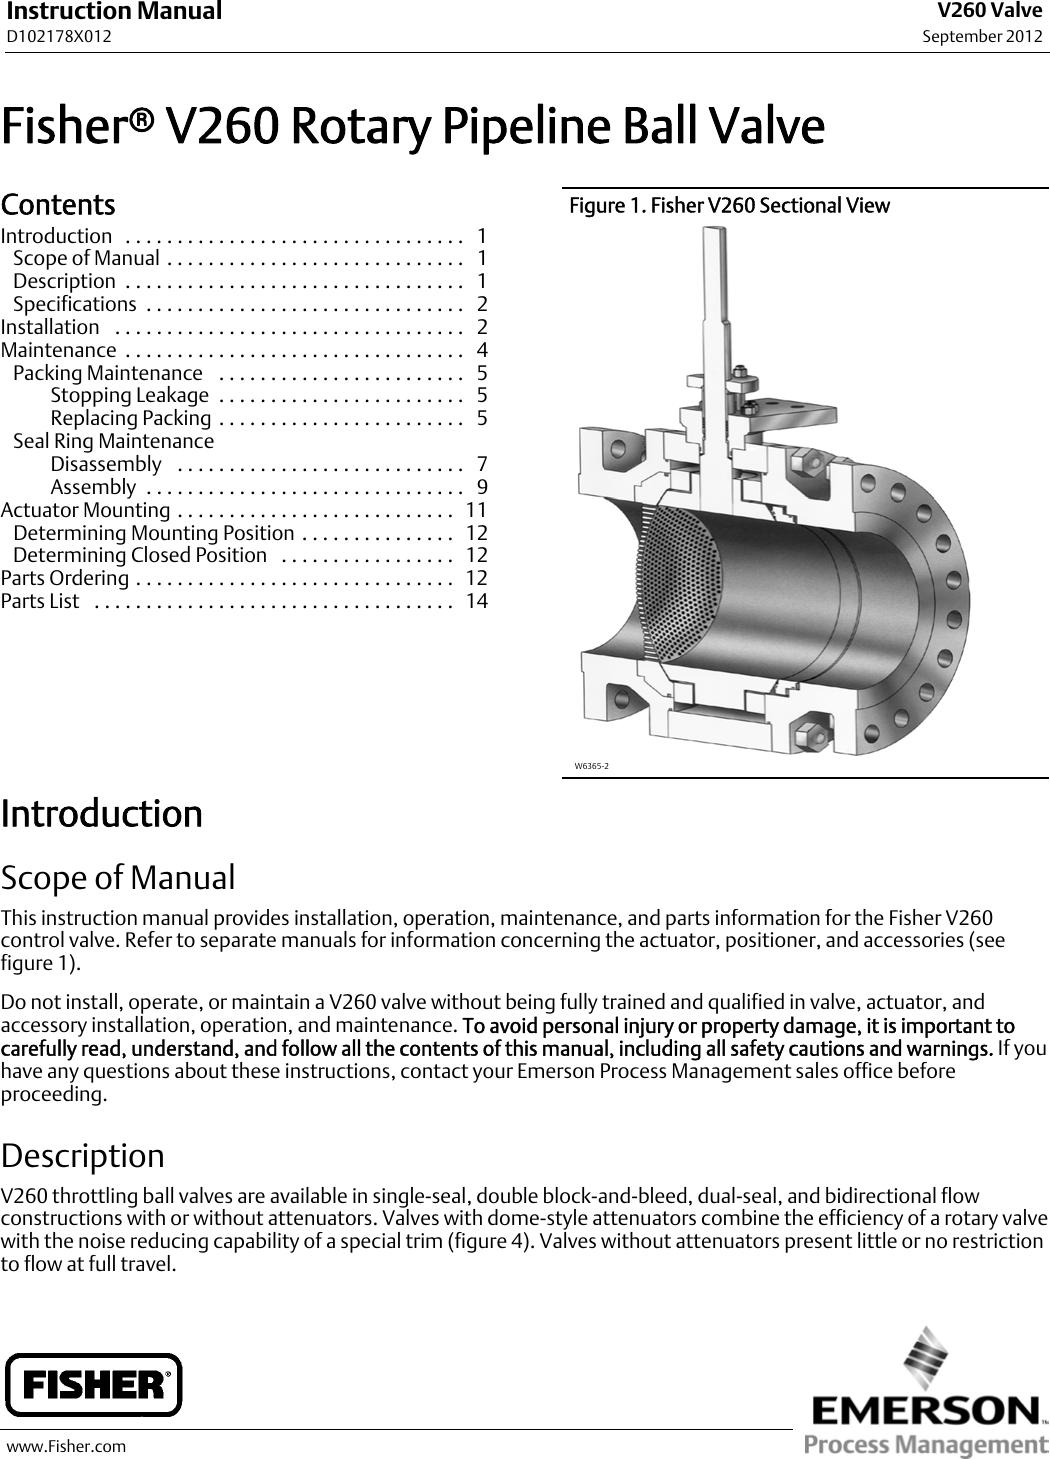 Emerson delta v user Manual